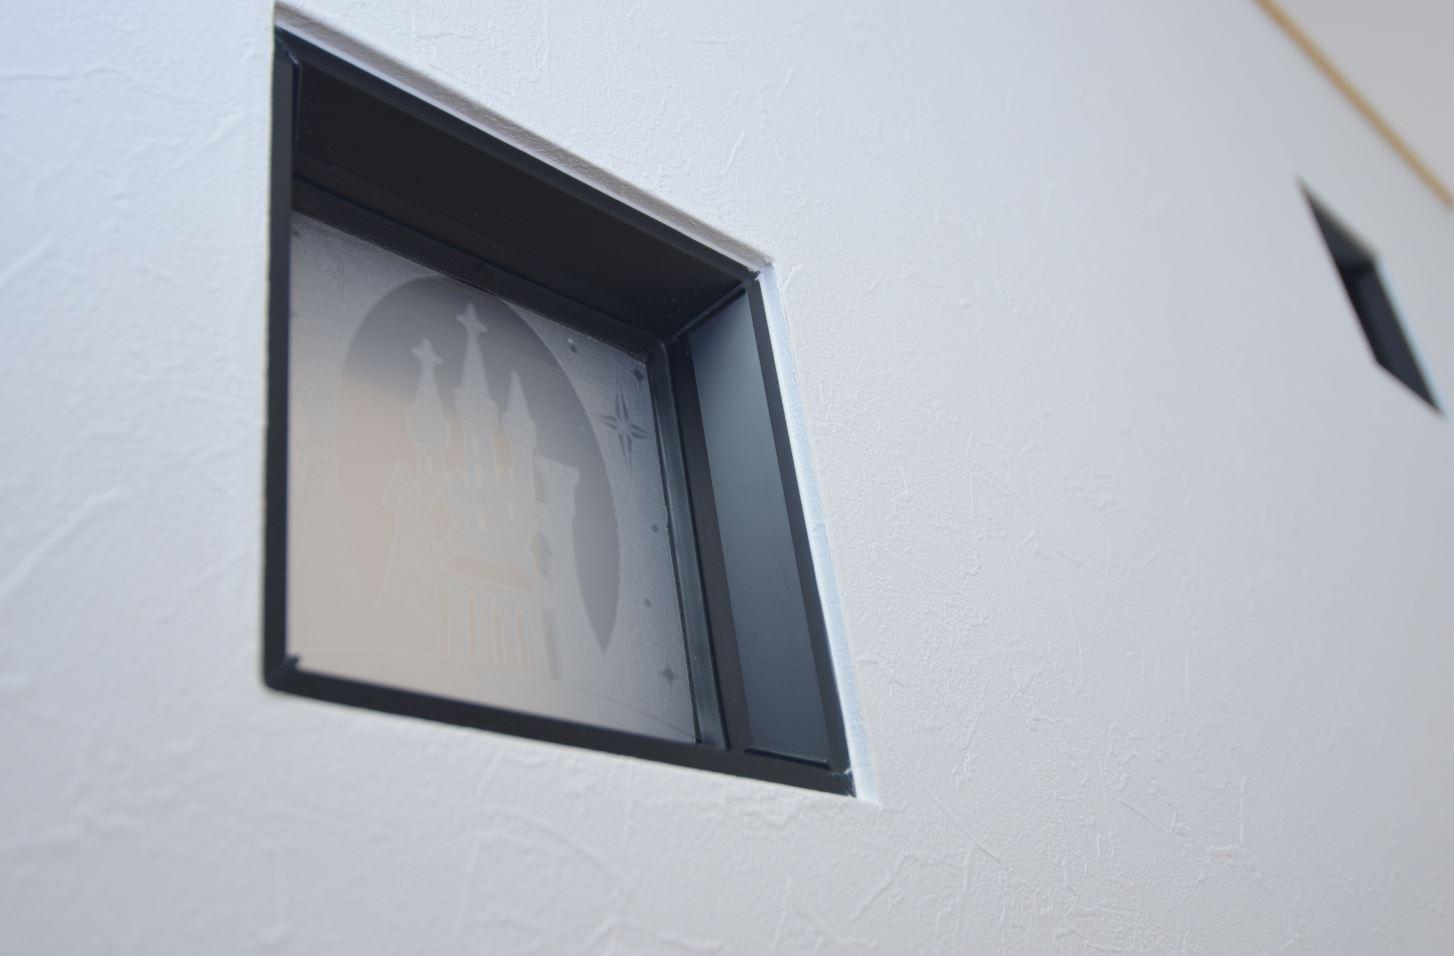 ユニバーサルホーム(浜松東店・掛川店)【デザイン住宅、子育て、収納力】階段窓のデザインなど、細かいところへのこだわりが詰まっている